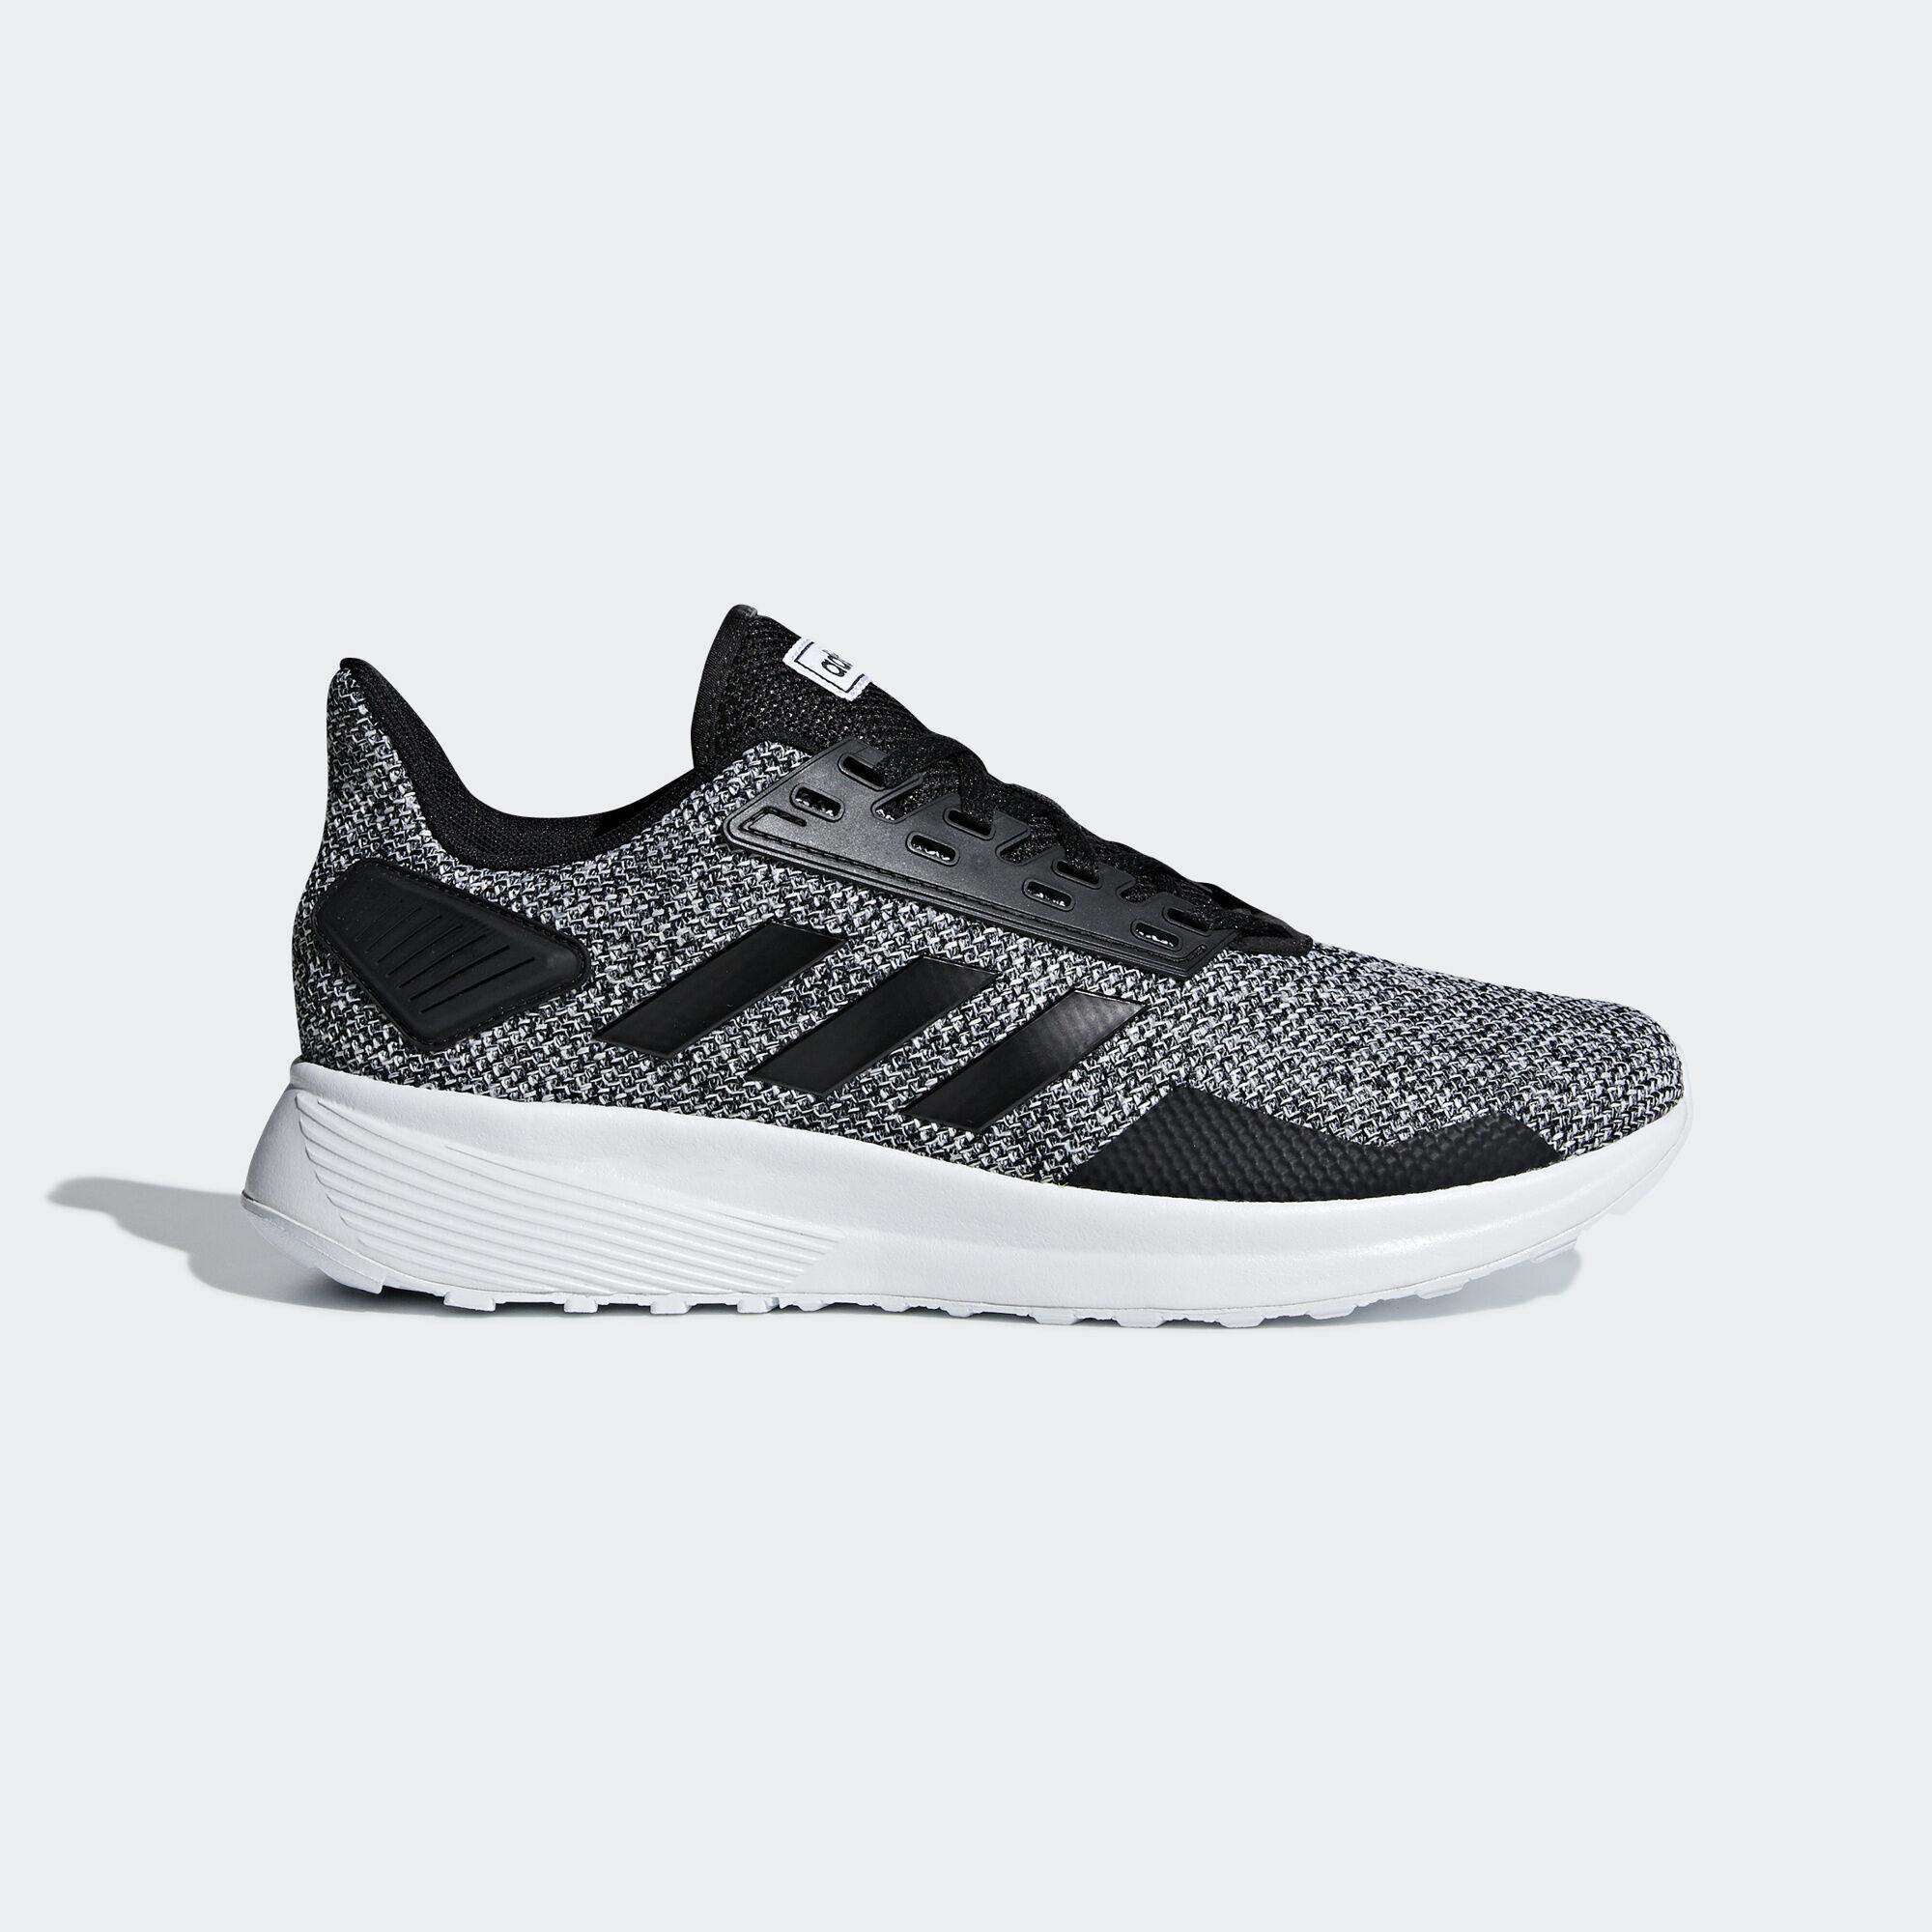 adidas - Duramo 9 Shoes Core Black   Core Black   Ftwr White BB6917 e59fa005446